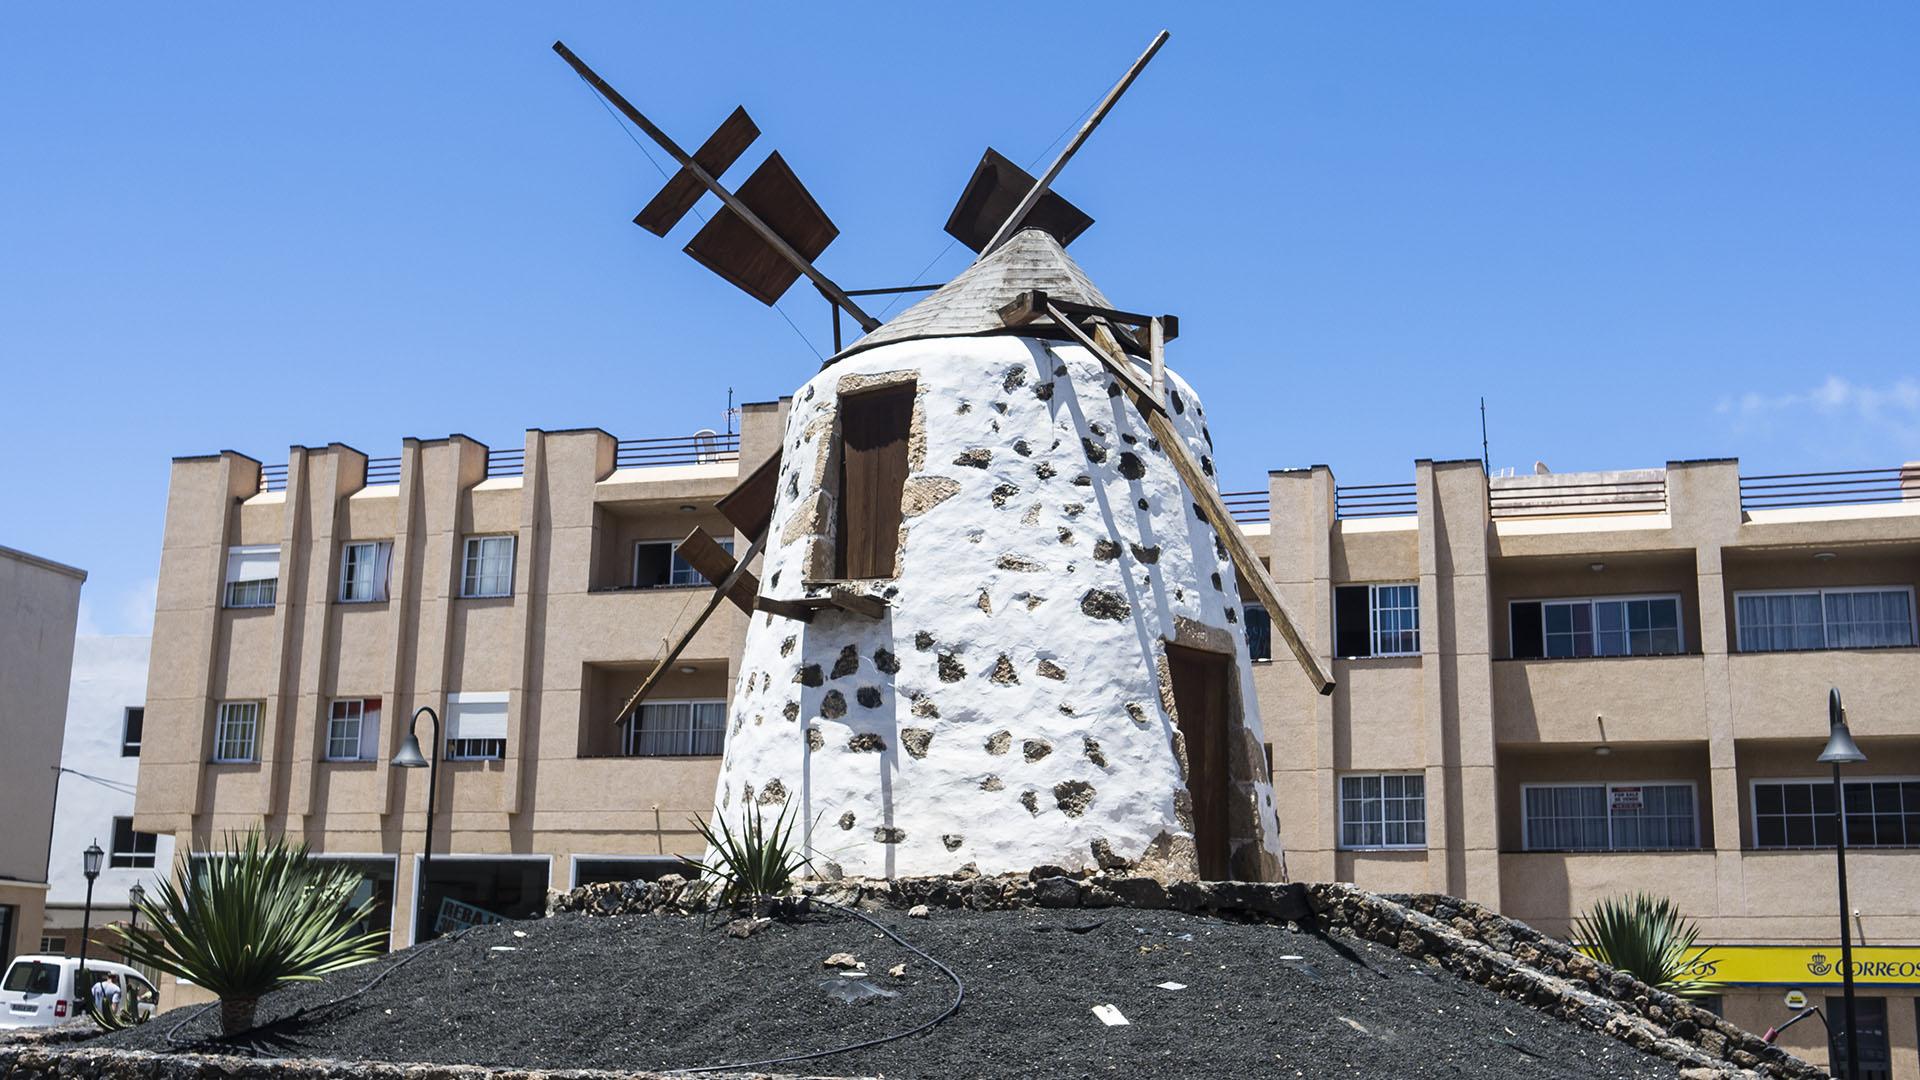 Die Windmühlen von Corralejo Fuerteventura: Molino Domingo Estévez Rodríguez